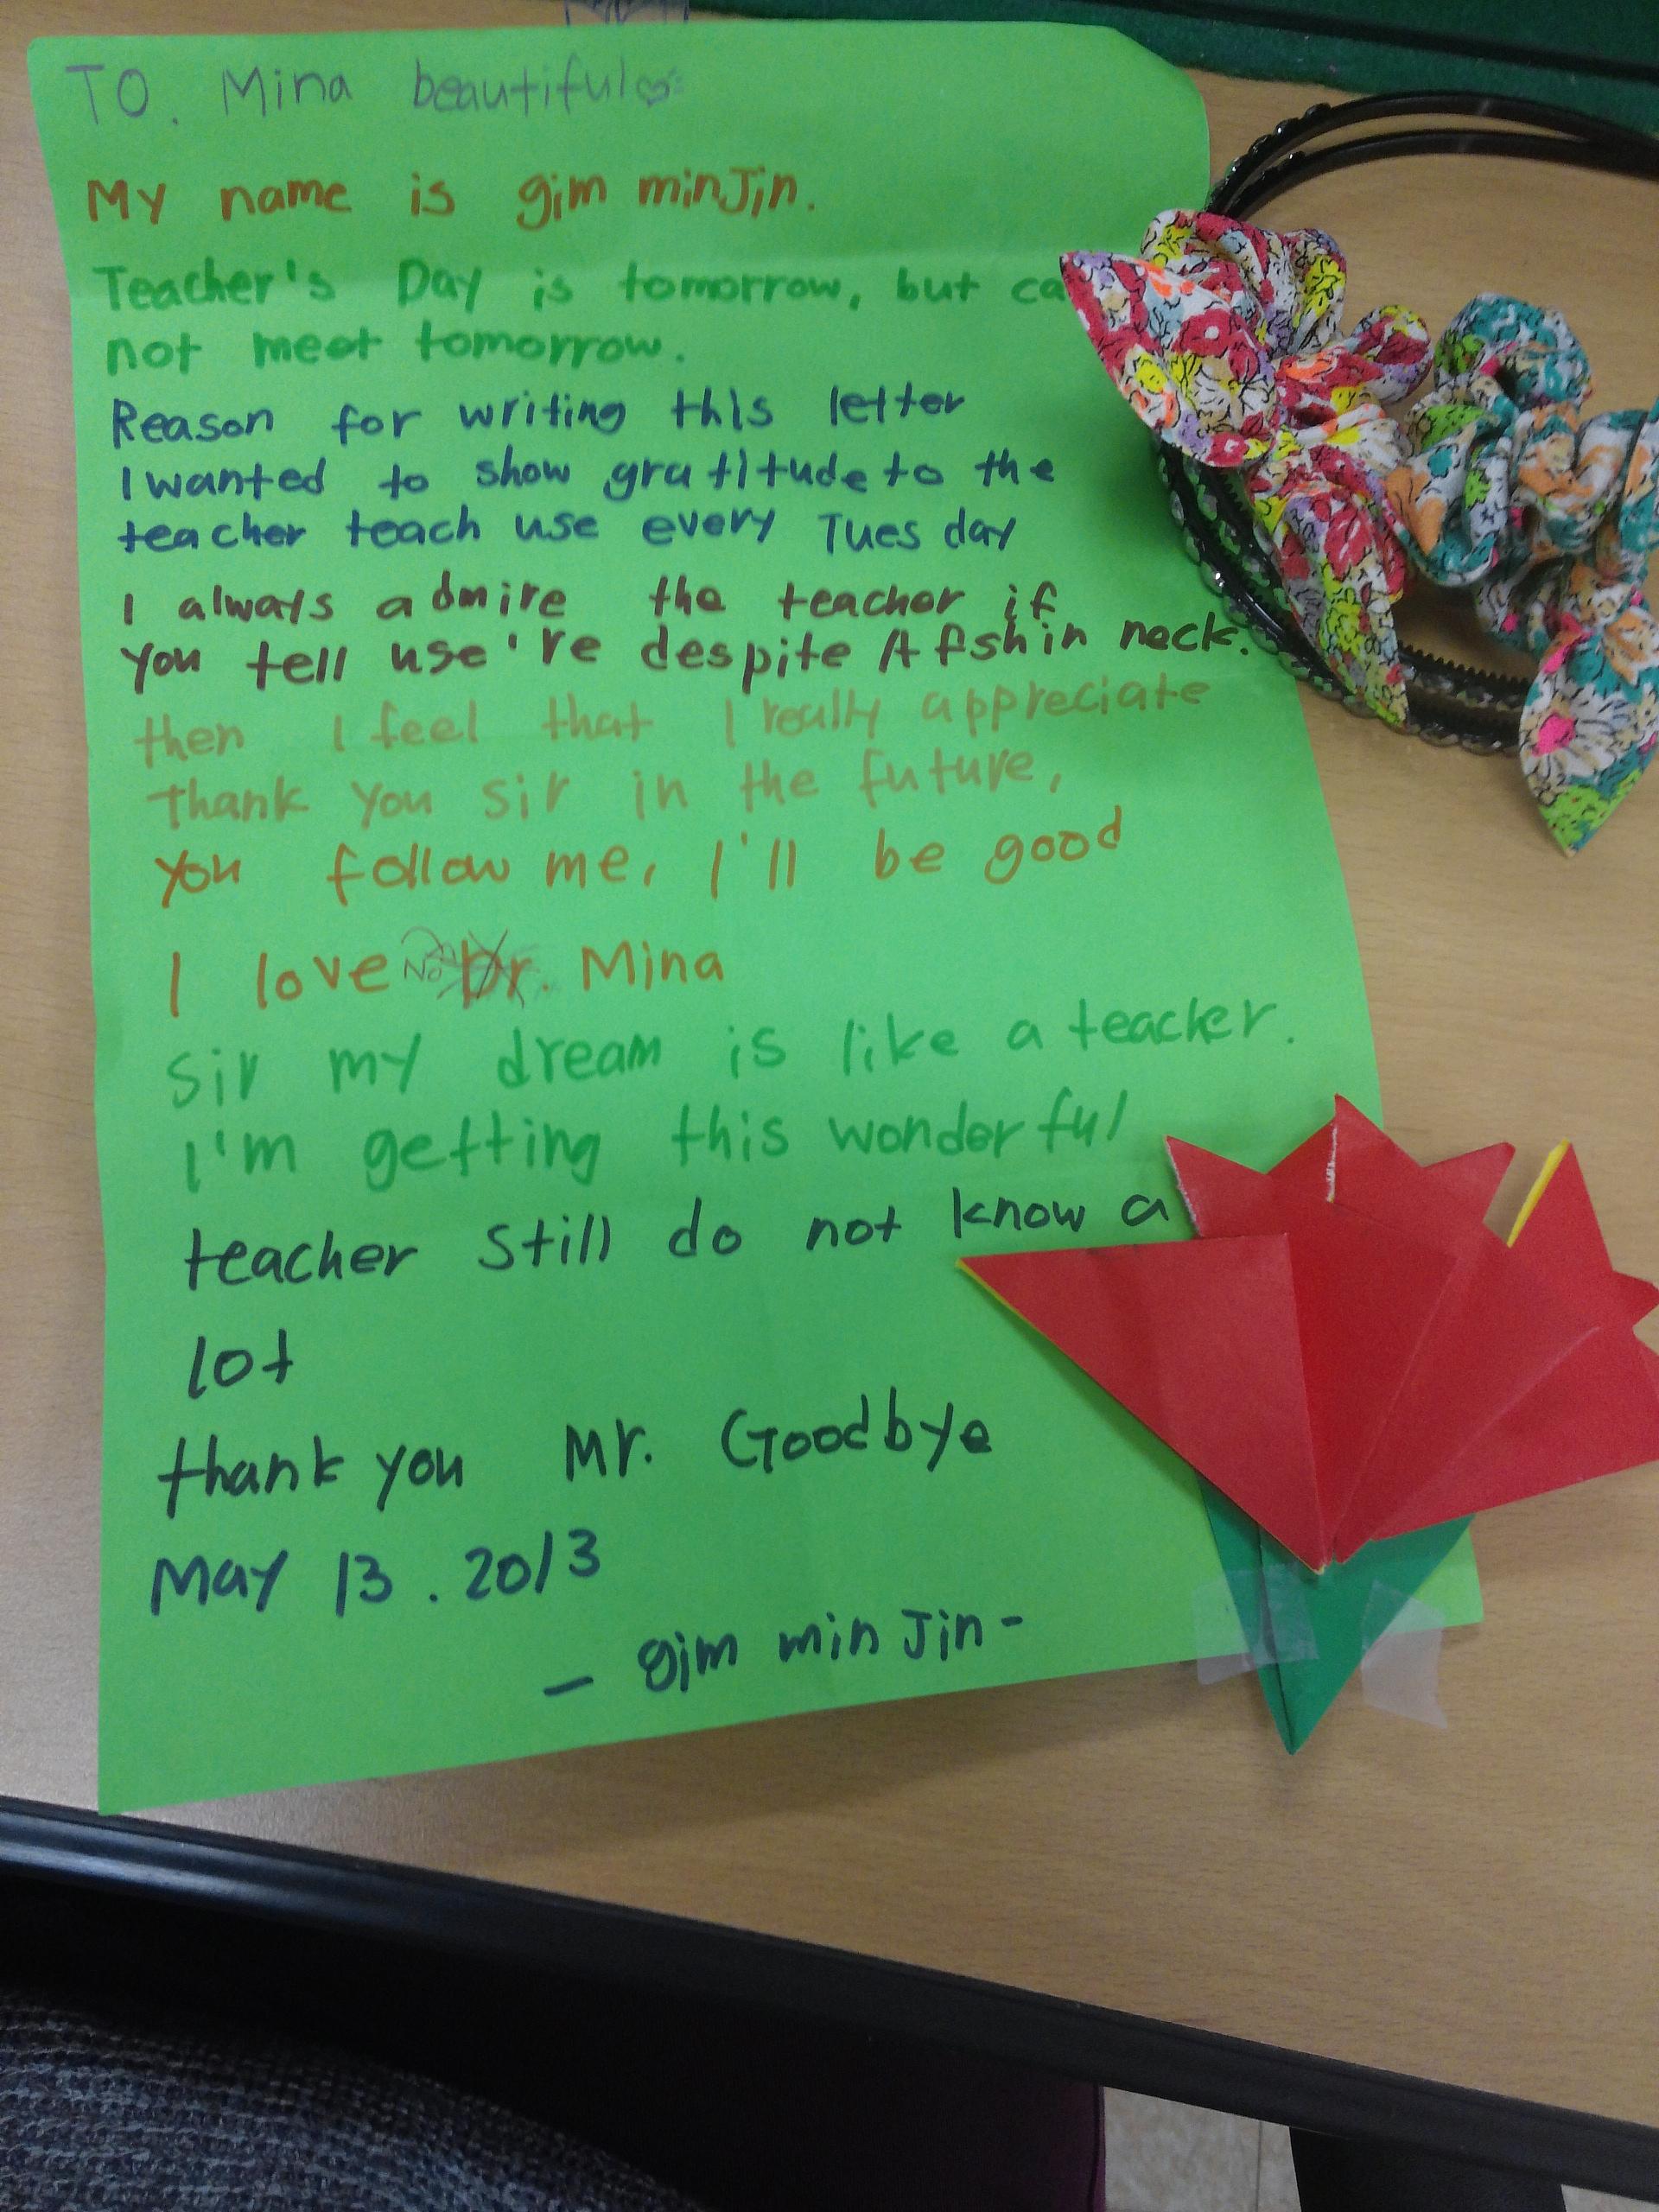 teacher s day wanderlustlotus 20130514 145423 letter